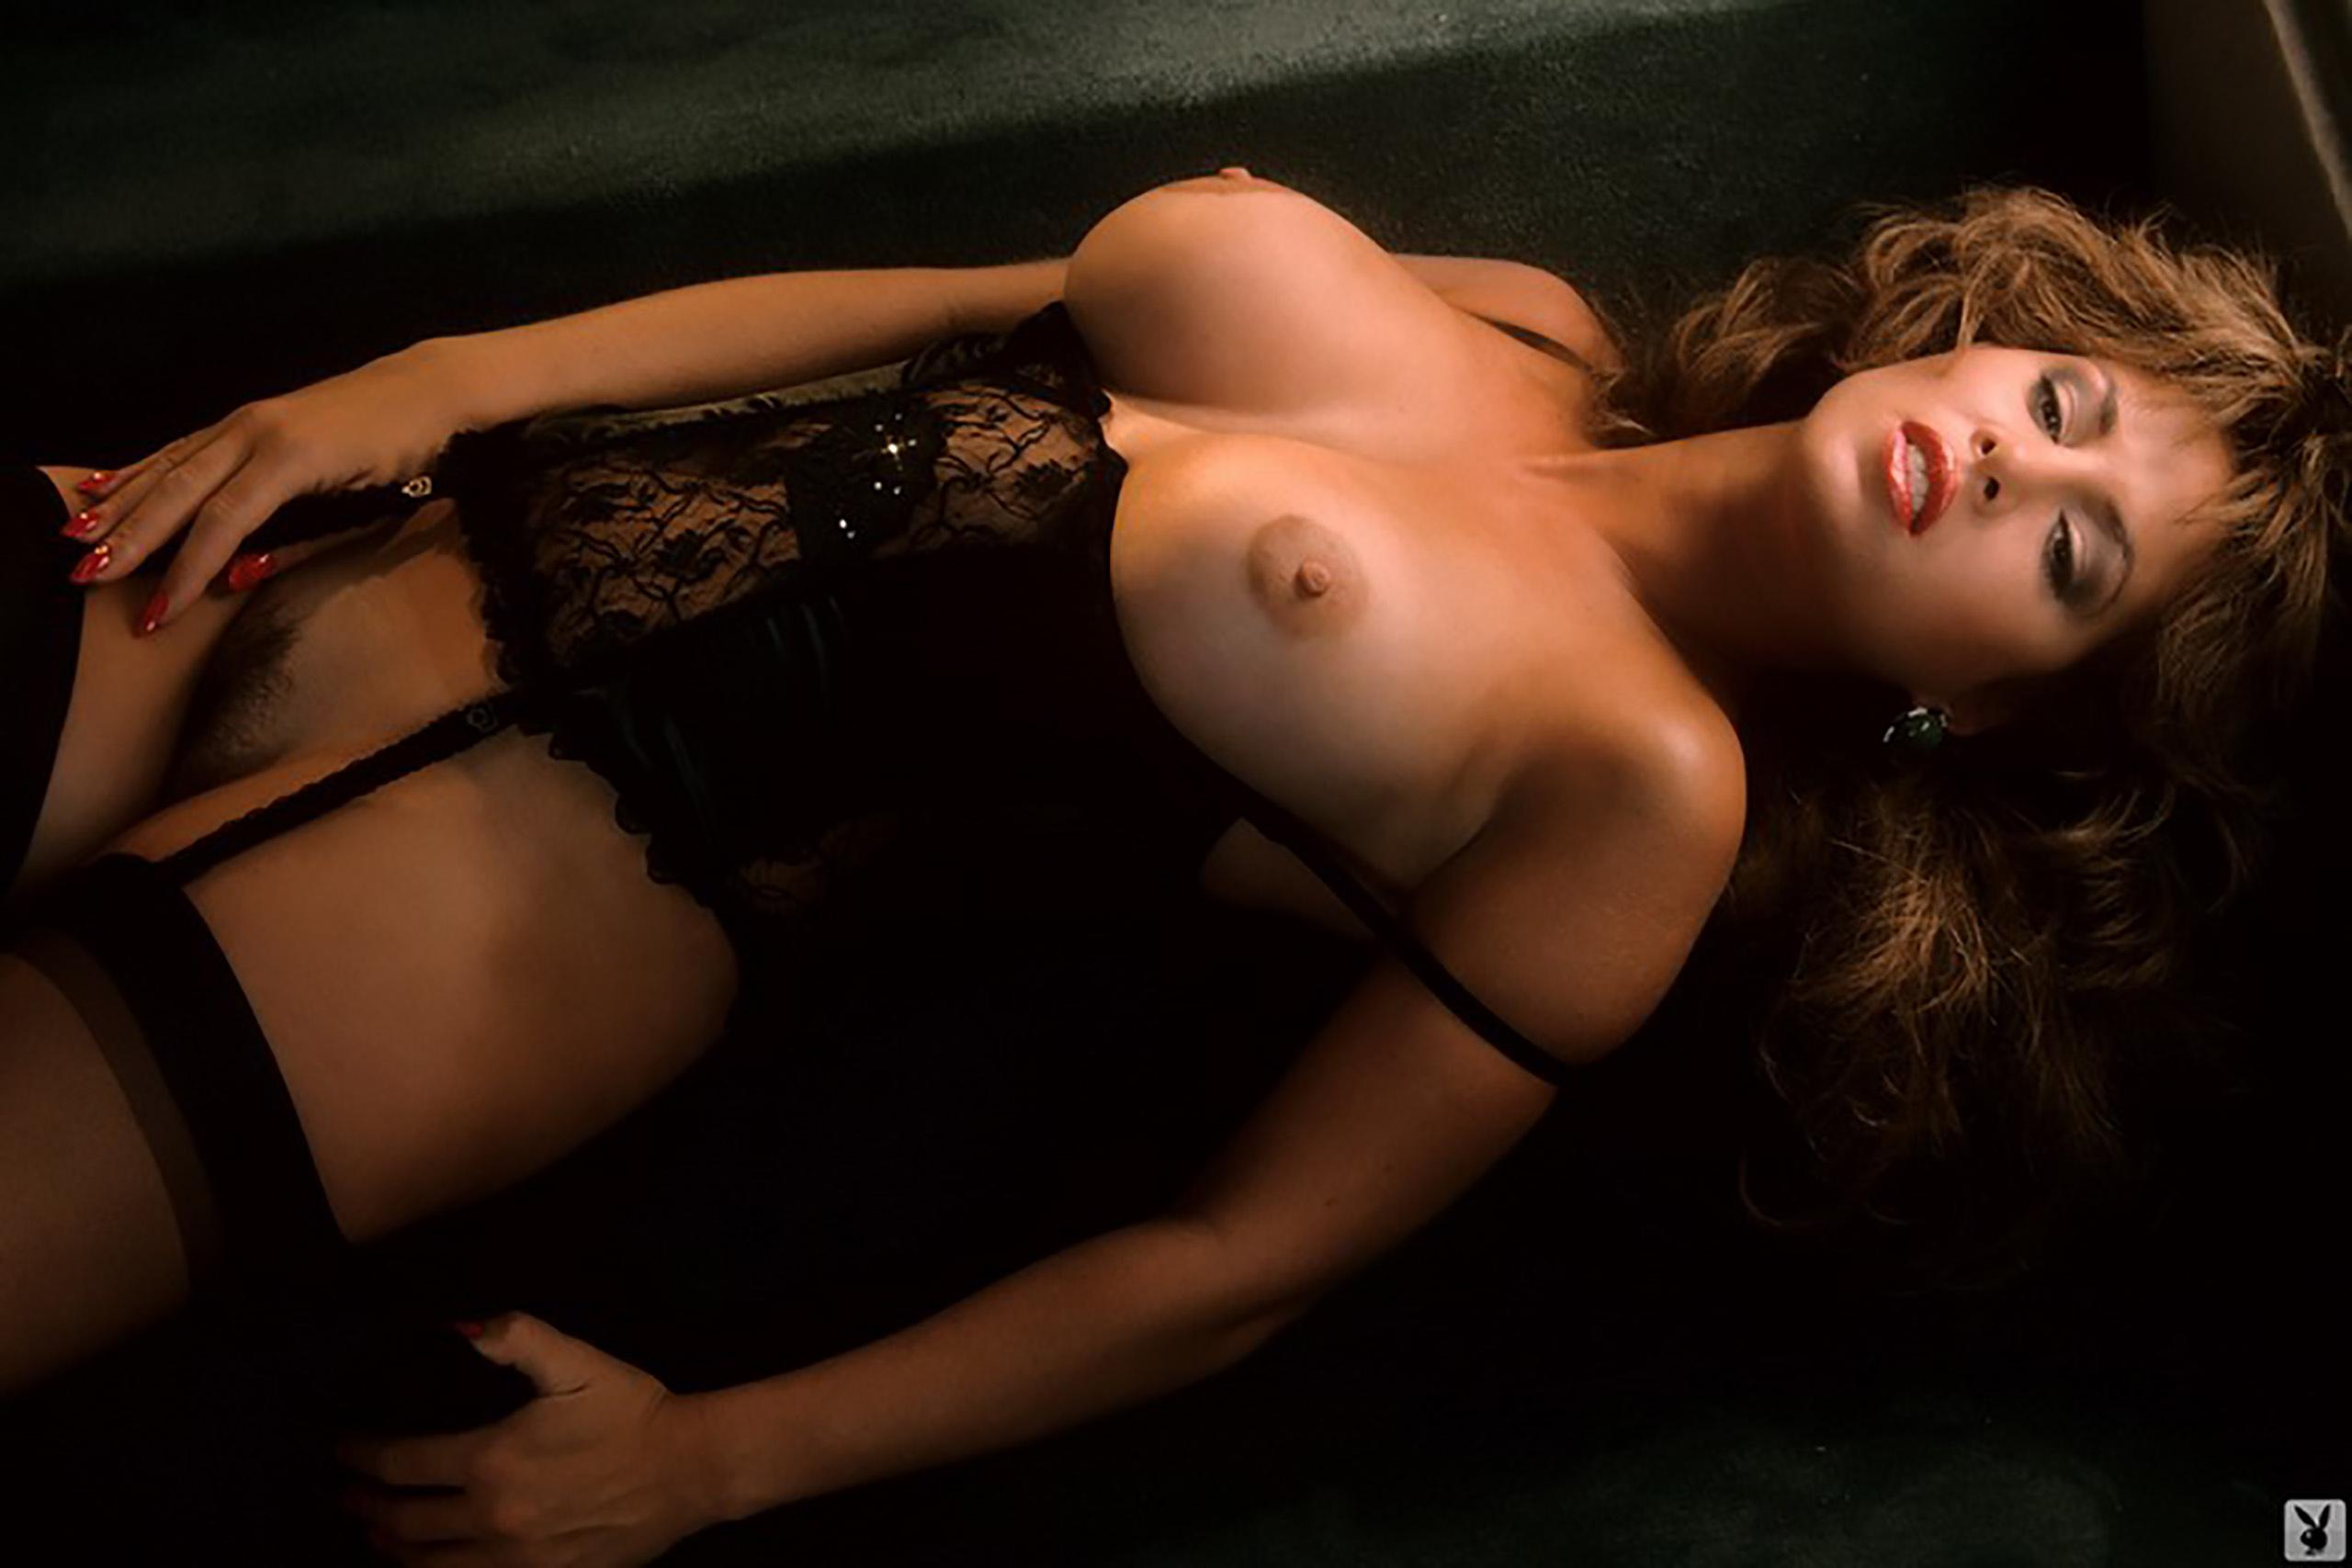 Playboy photos hahn jessica